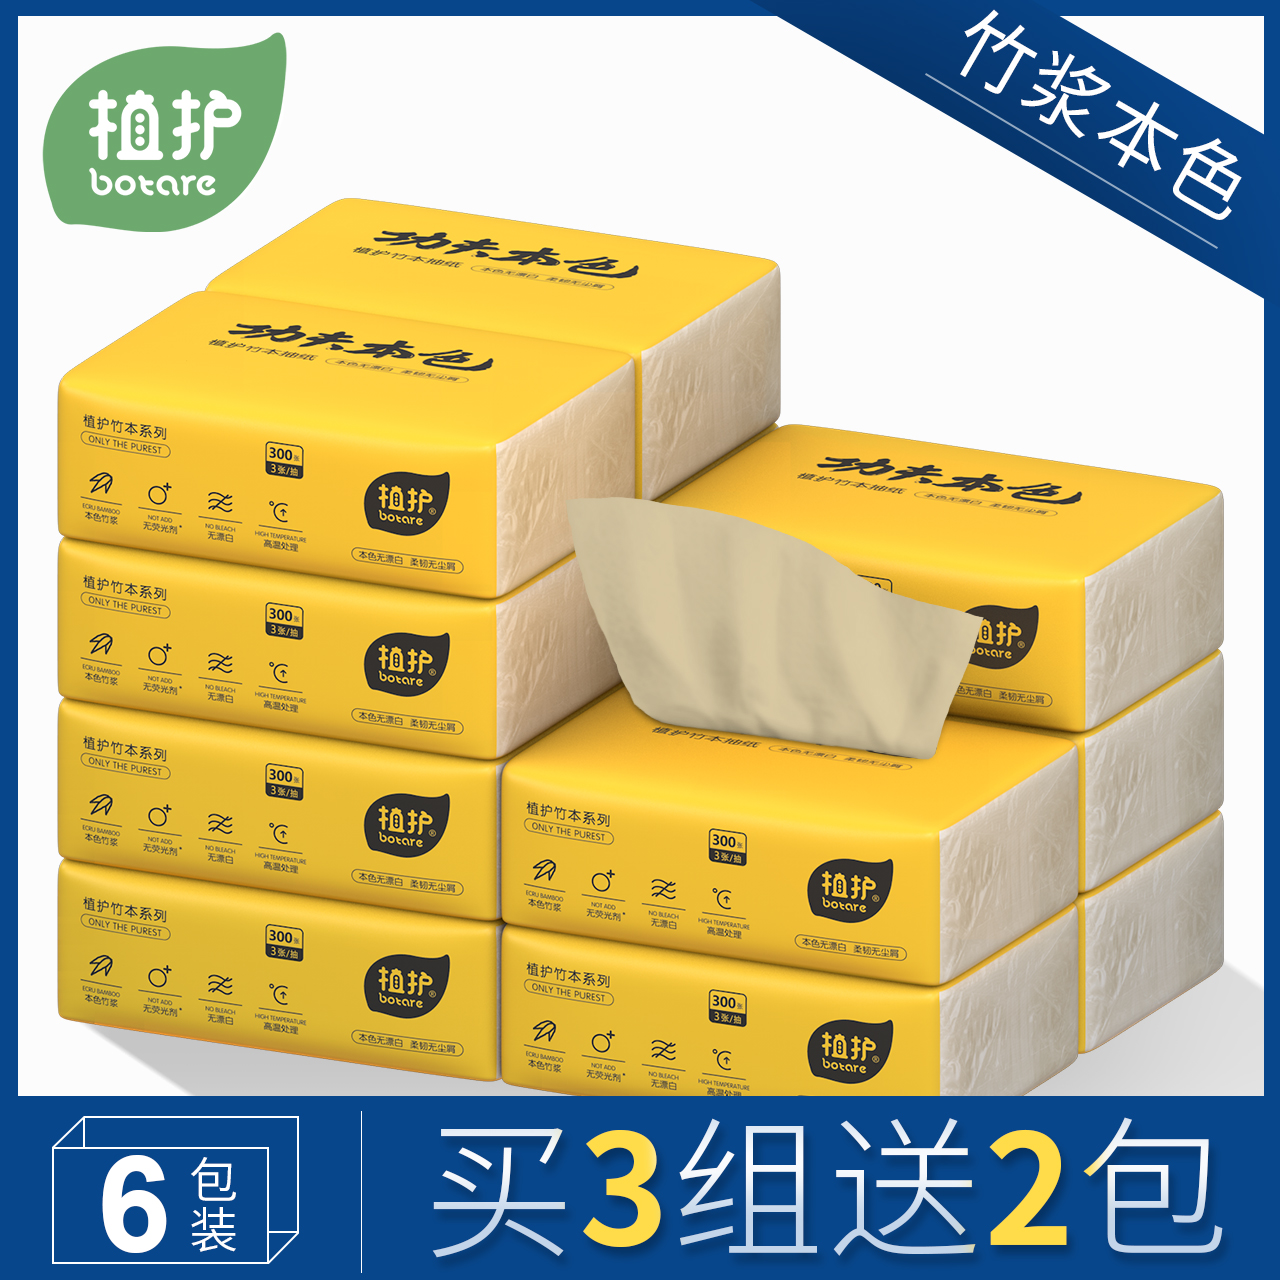 6包植护竹浆本色抽纸抽取式面巾纸巾餐巾纸卫生家用家庭装批发500